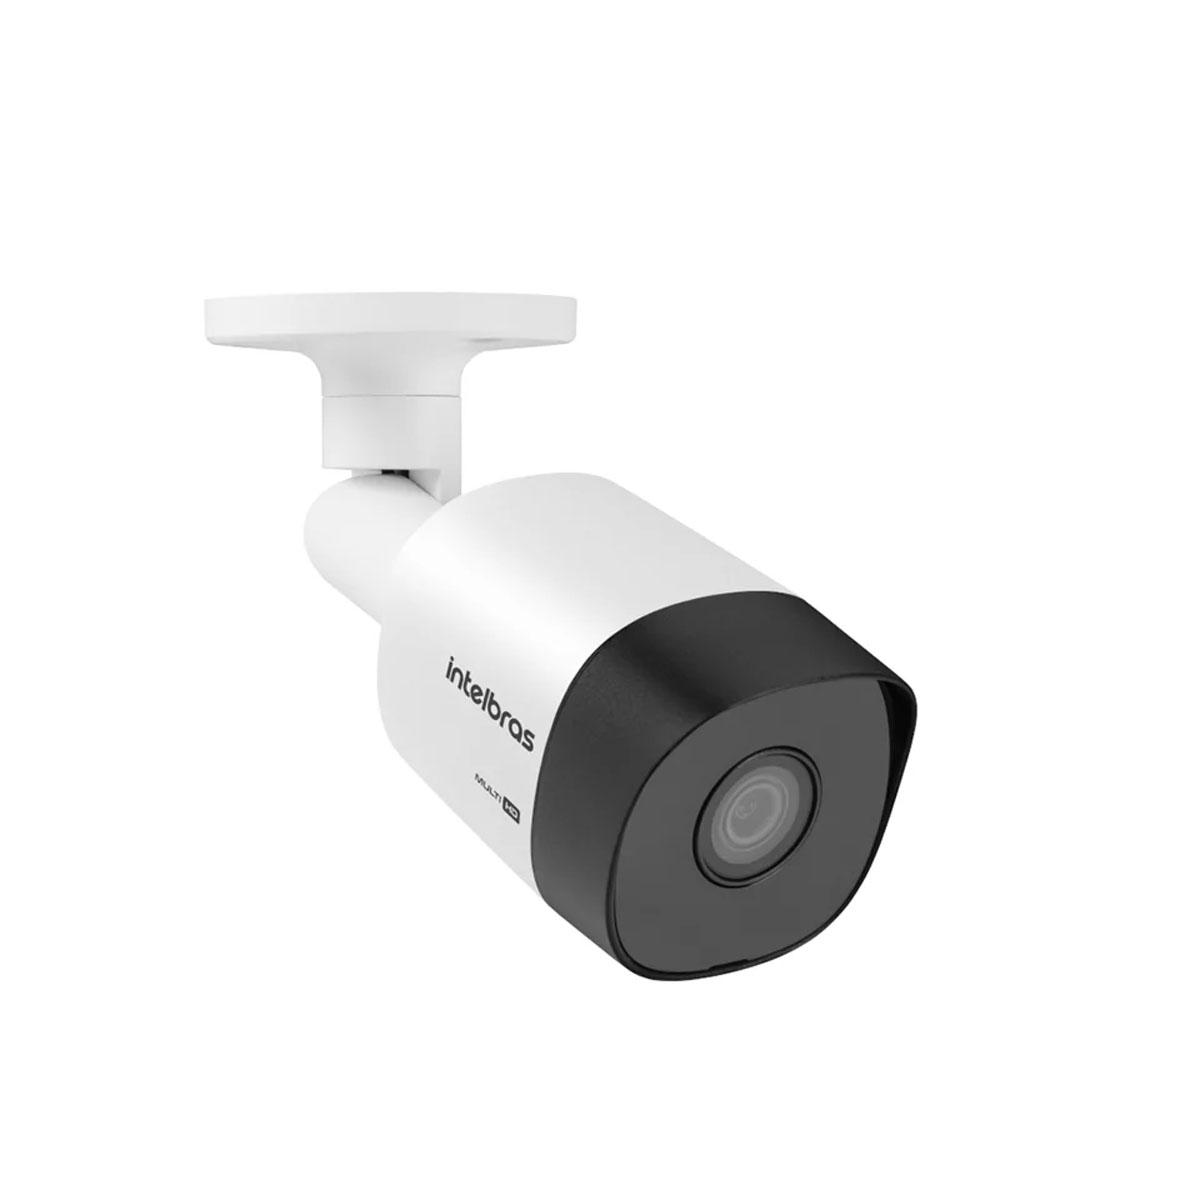 Kit 5 Cameras Infra Full Hd 1080p 2Mp Vhd 3230b Intelbras